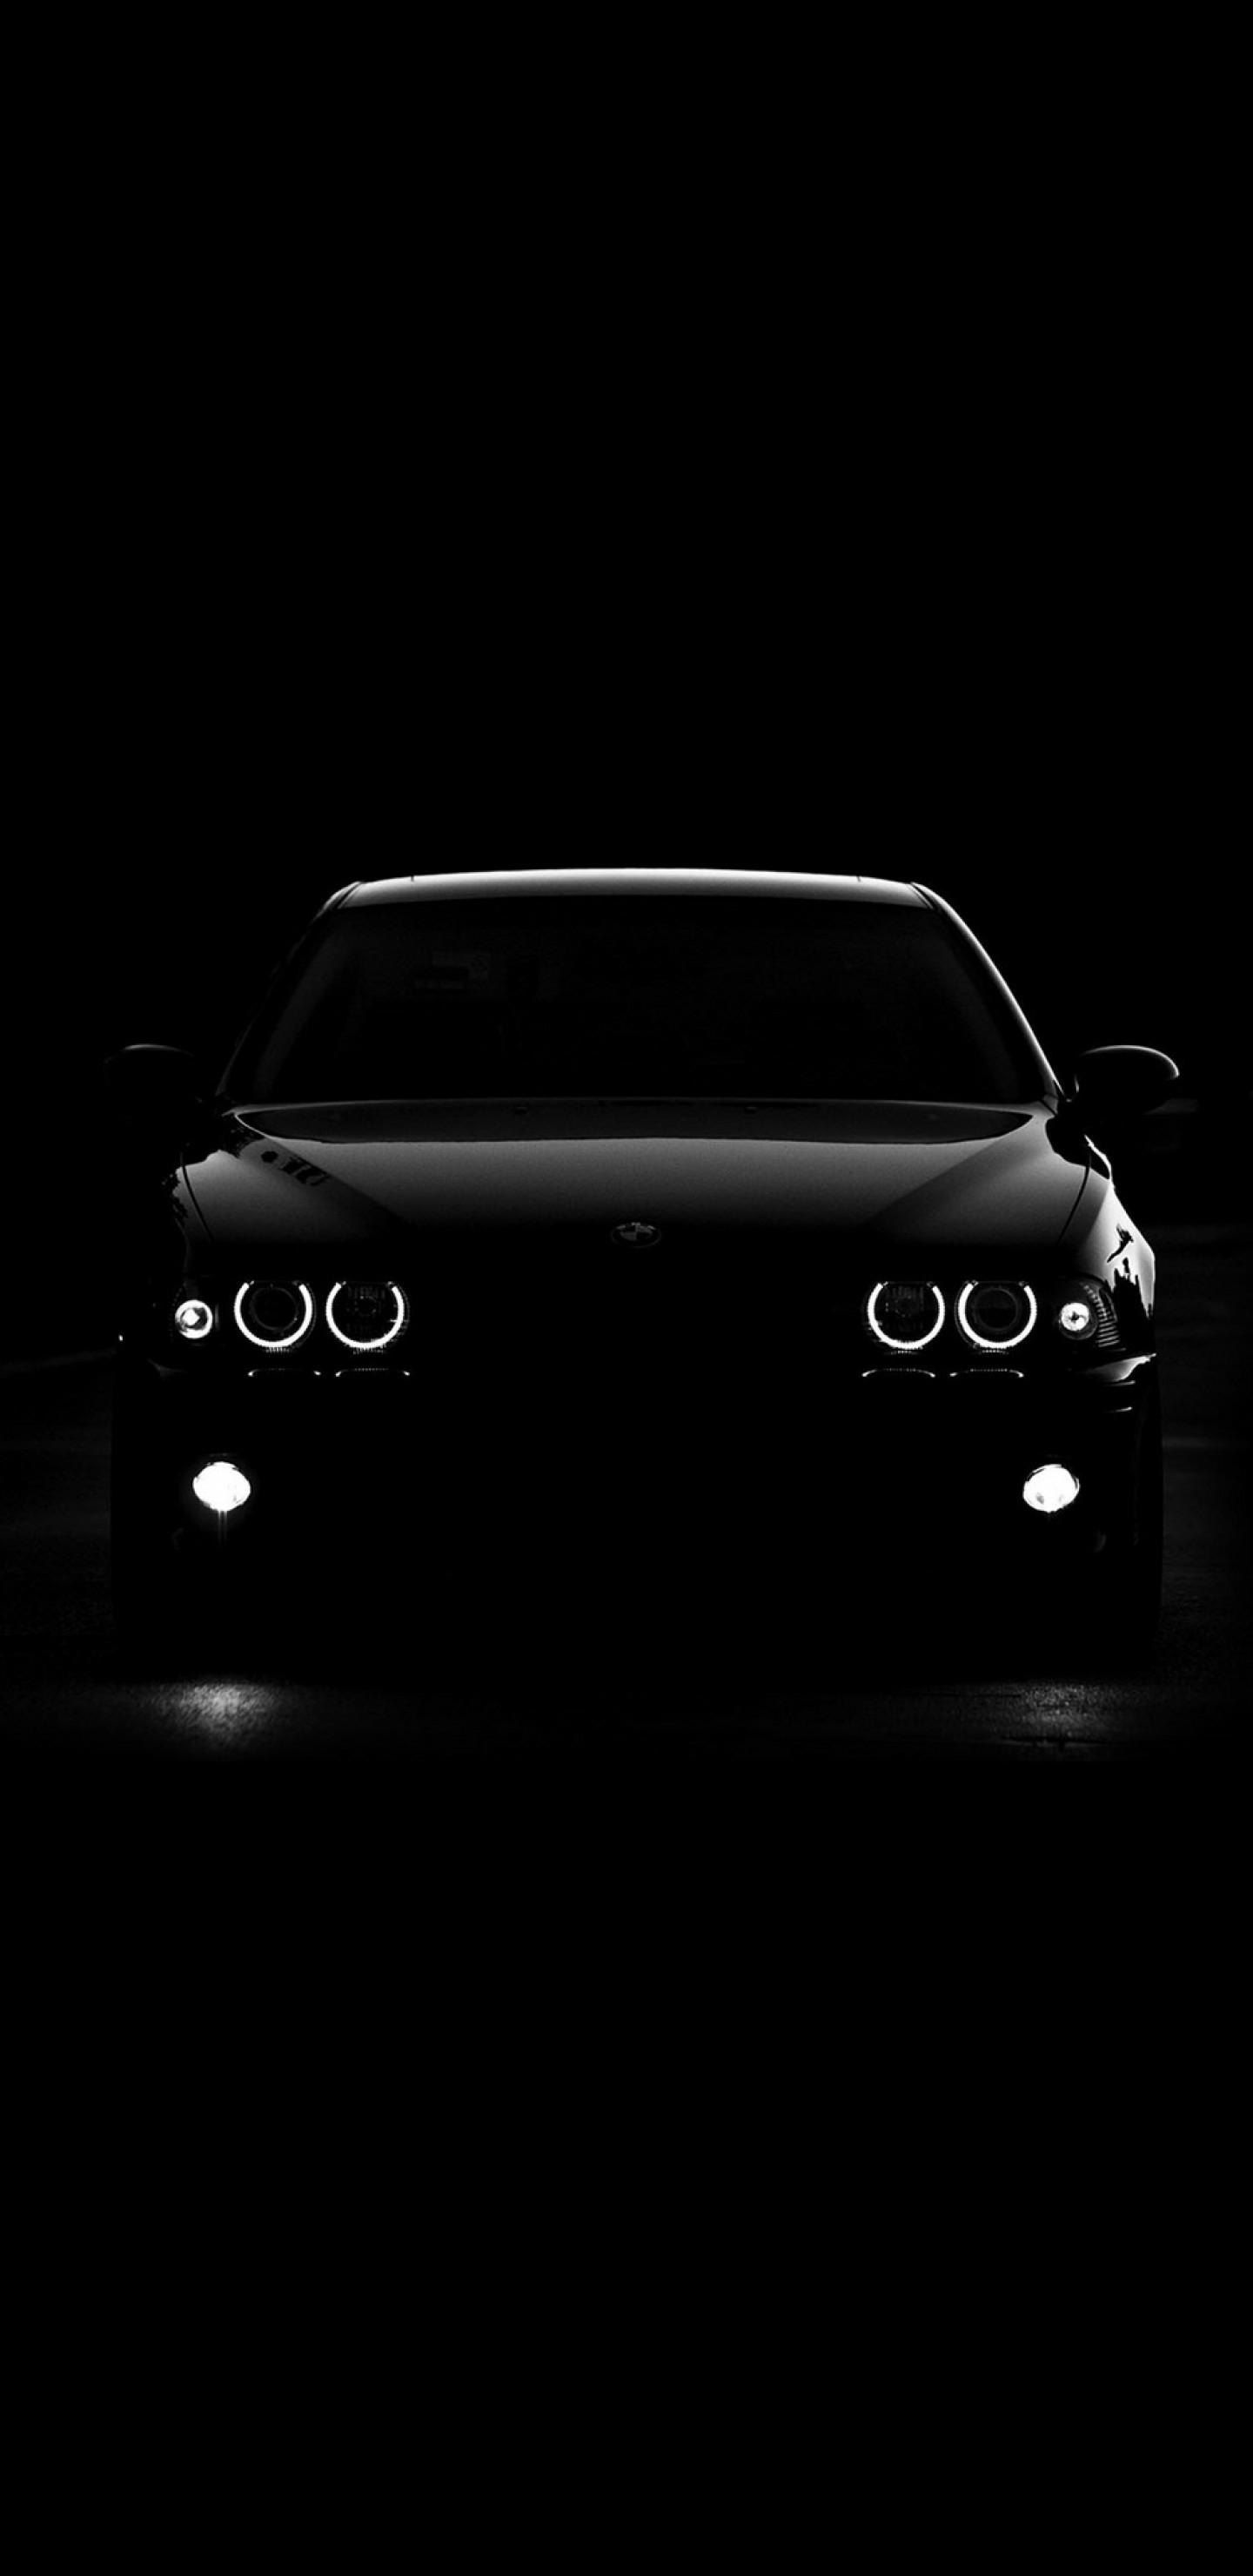 全面屏手机壁纸-黑色酷车